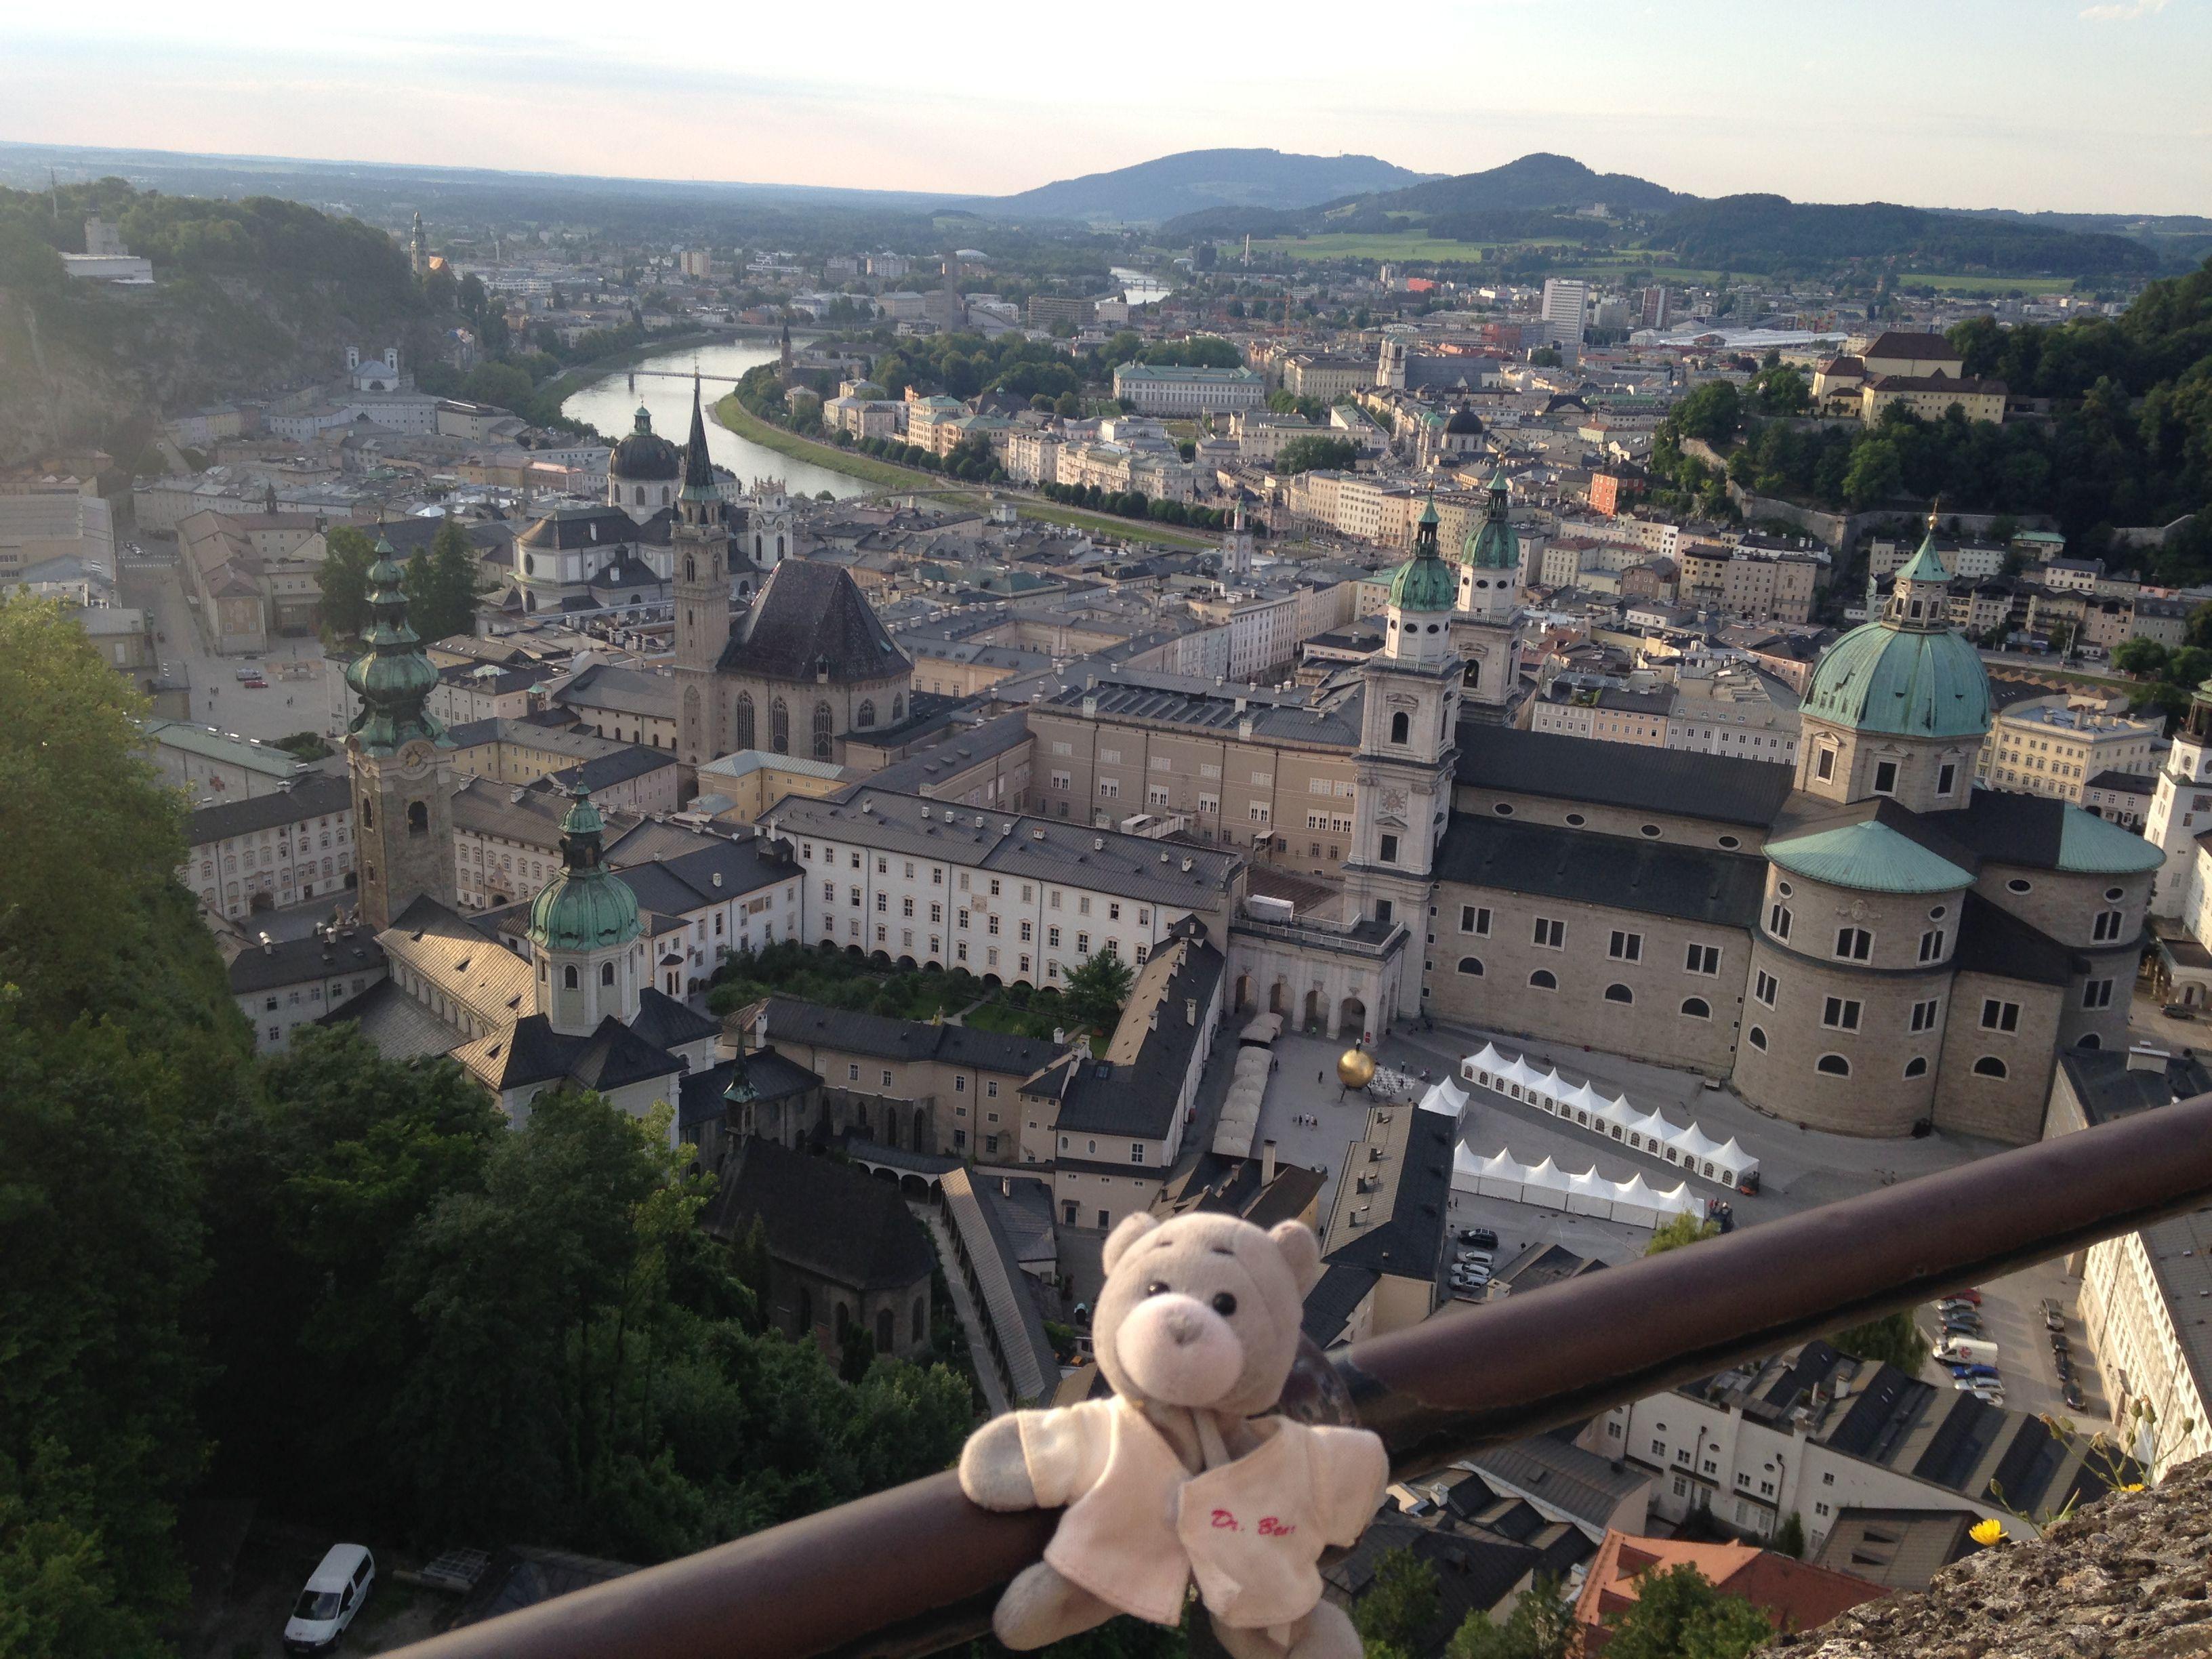 Wilkommen in Salzburg!